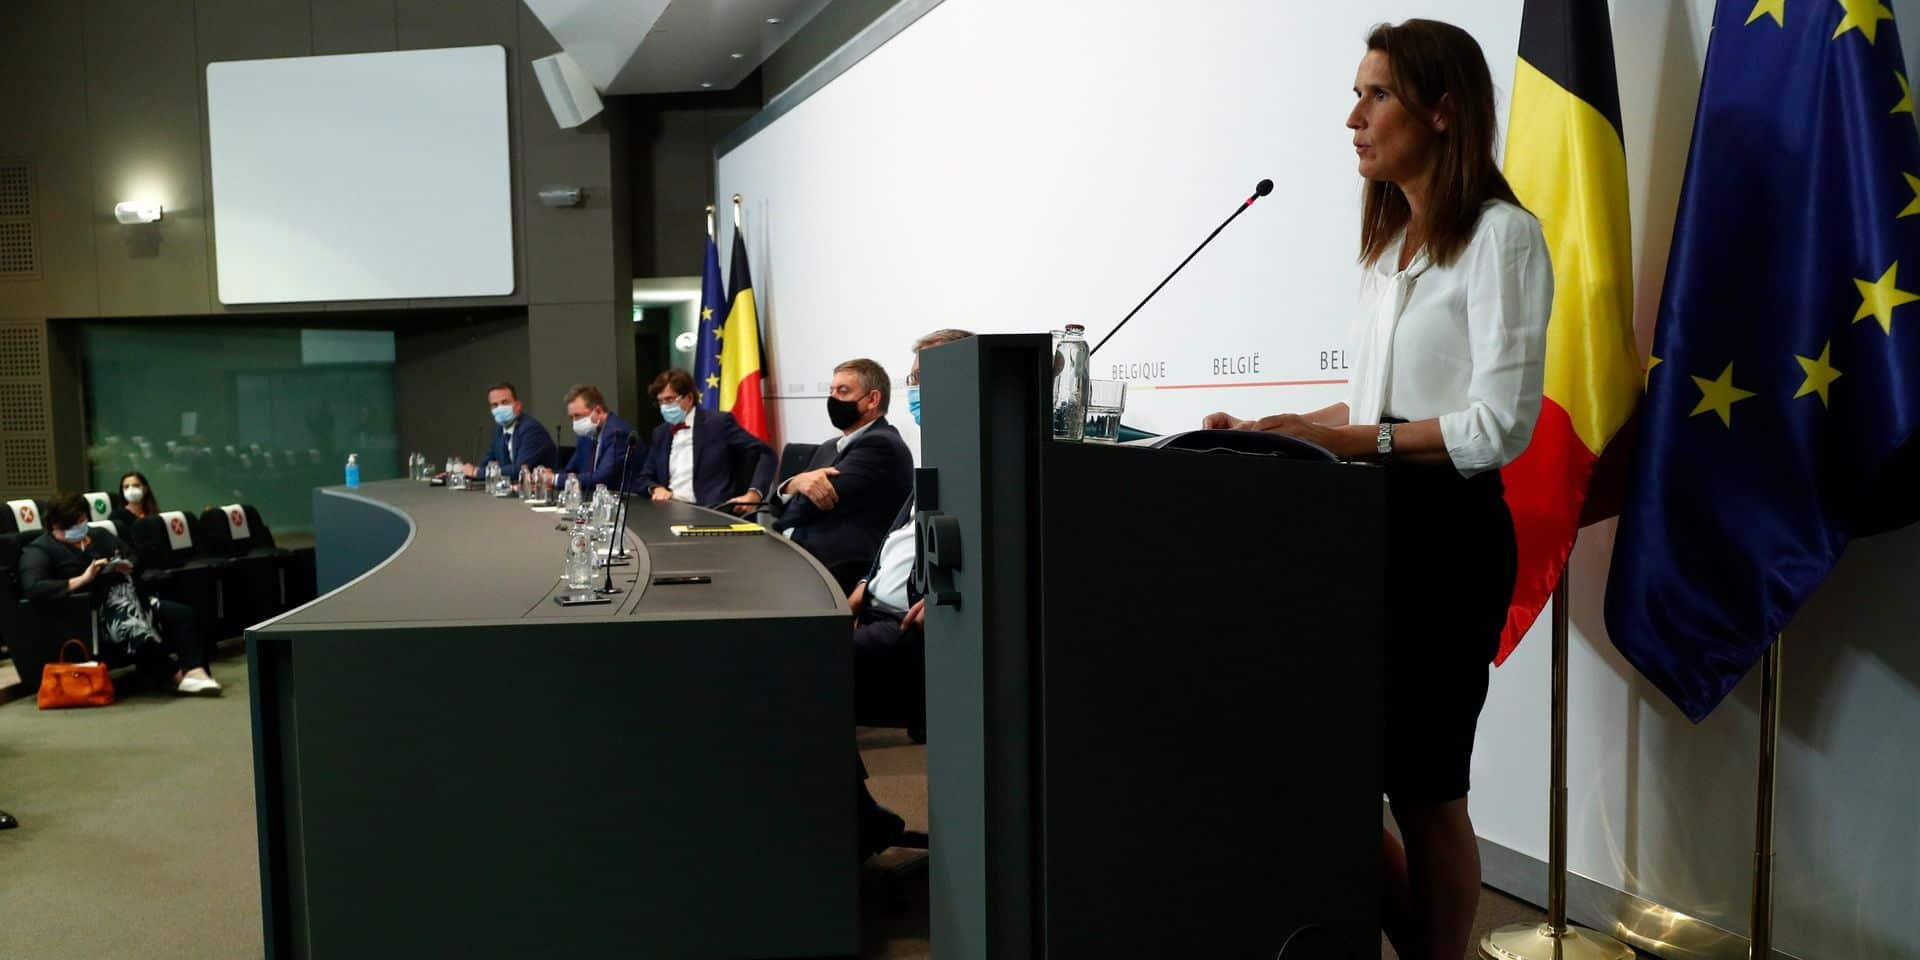 Oui, les belges soutiennent les décisions du gouvernement durant la crise